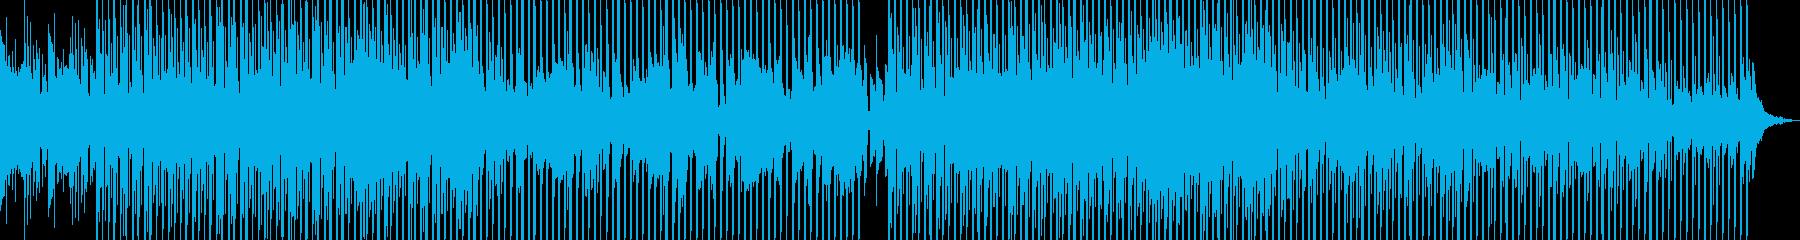 クールでシックなディスコサウンドの再生済みの波形